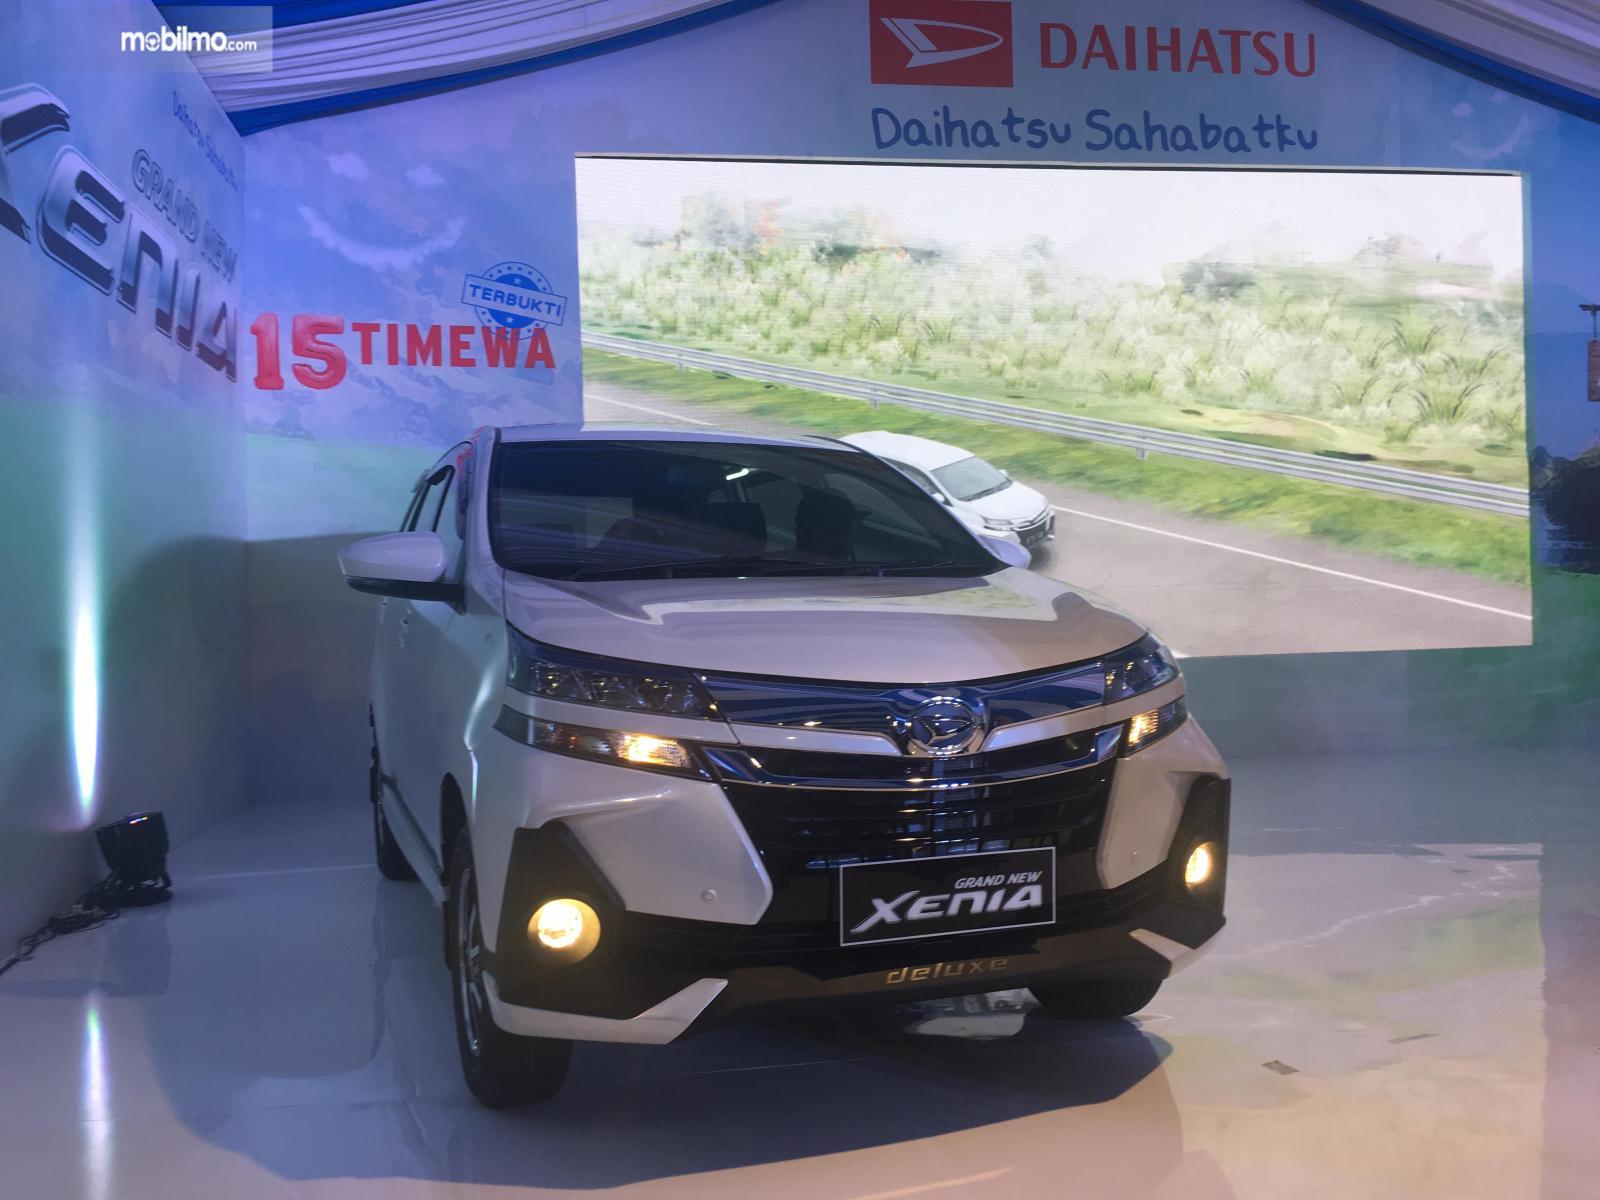 Tampilan depan mobil Daihatsu Grand New Xenia R M/T 1.5 Deluxe 2019